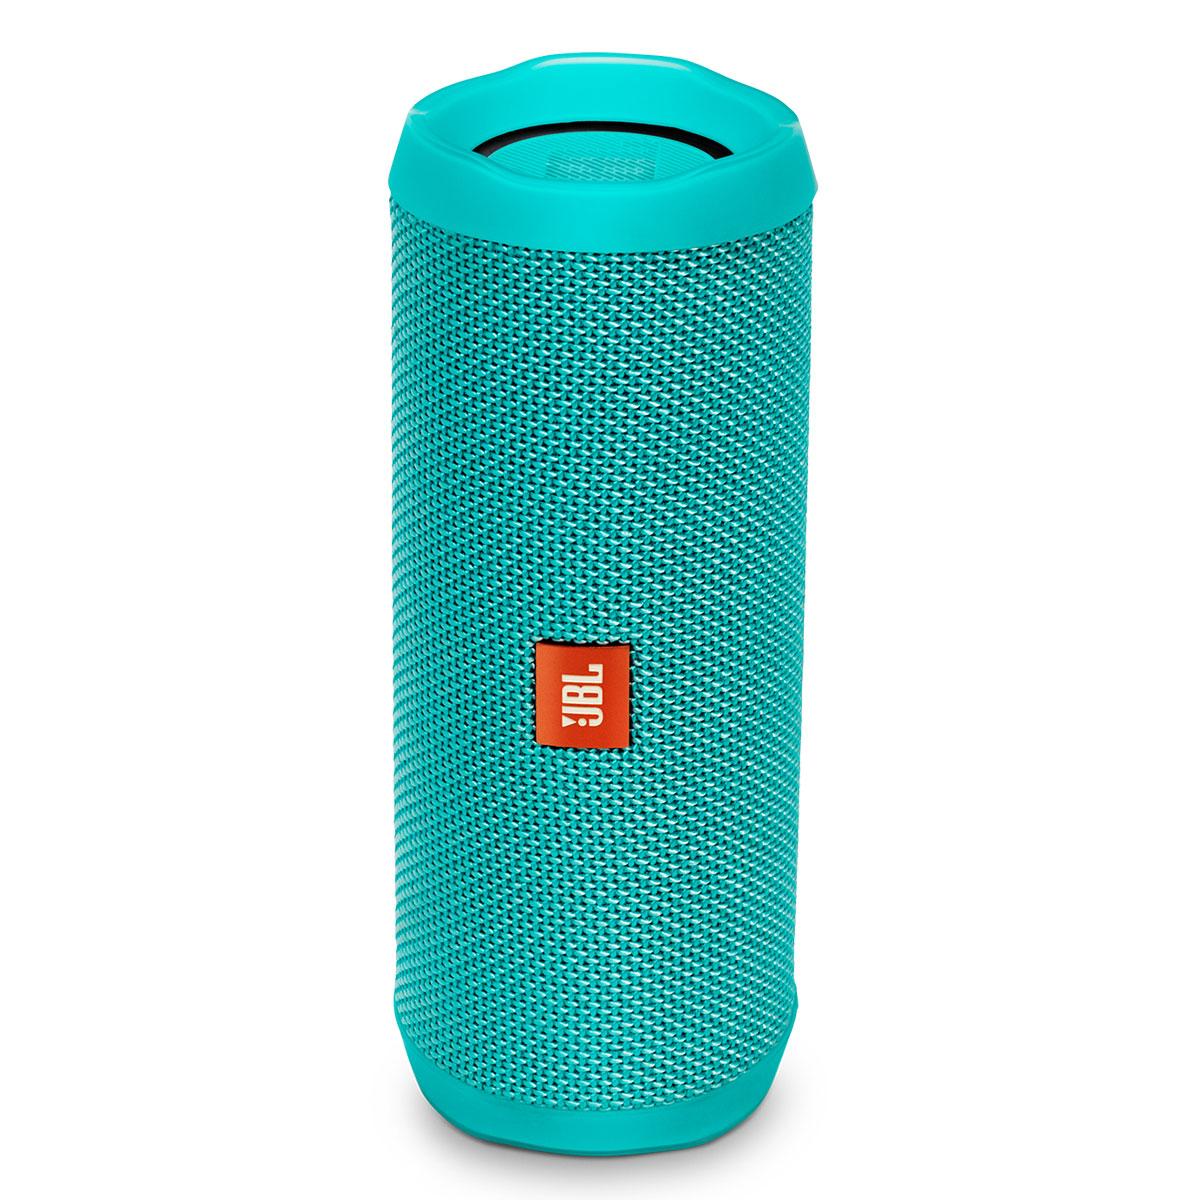 Dock & Enceinte Bluetooth JBL Flip 4 Turquoise  Enceinte portable sans fil Bluetooth Waterproof avec fonction mains libres